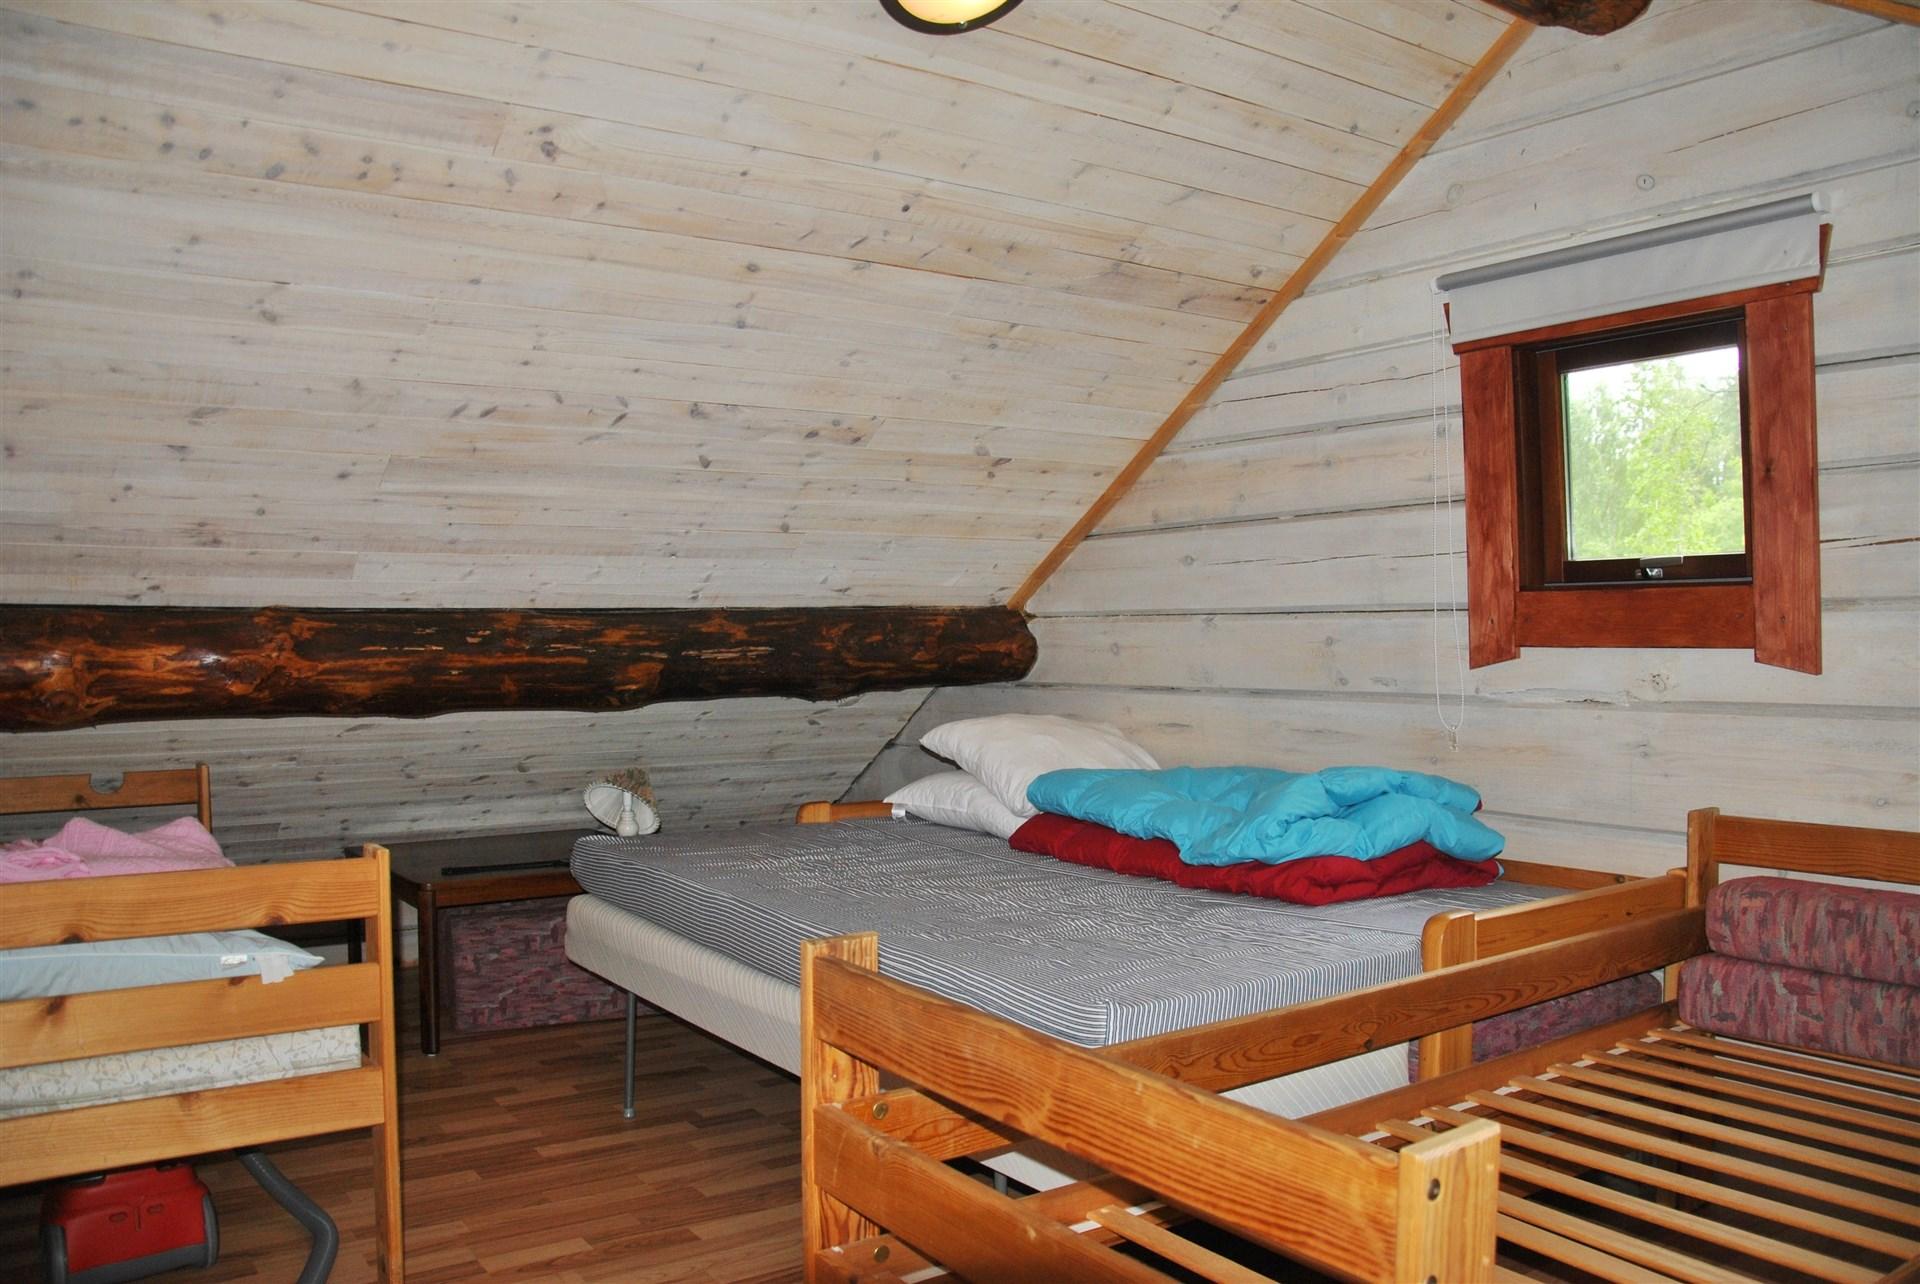 Sovrum 3/sovloft med plats för flera bäddar